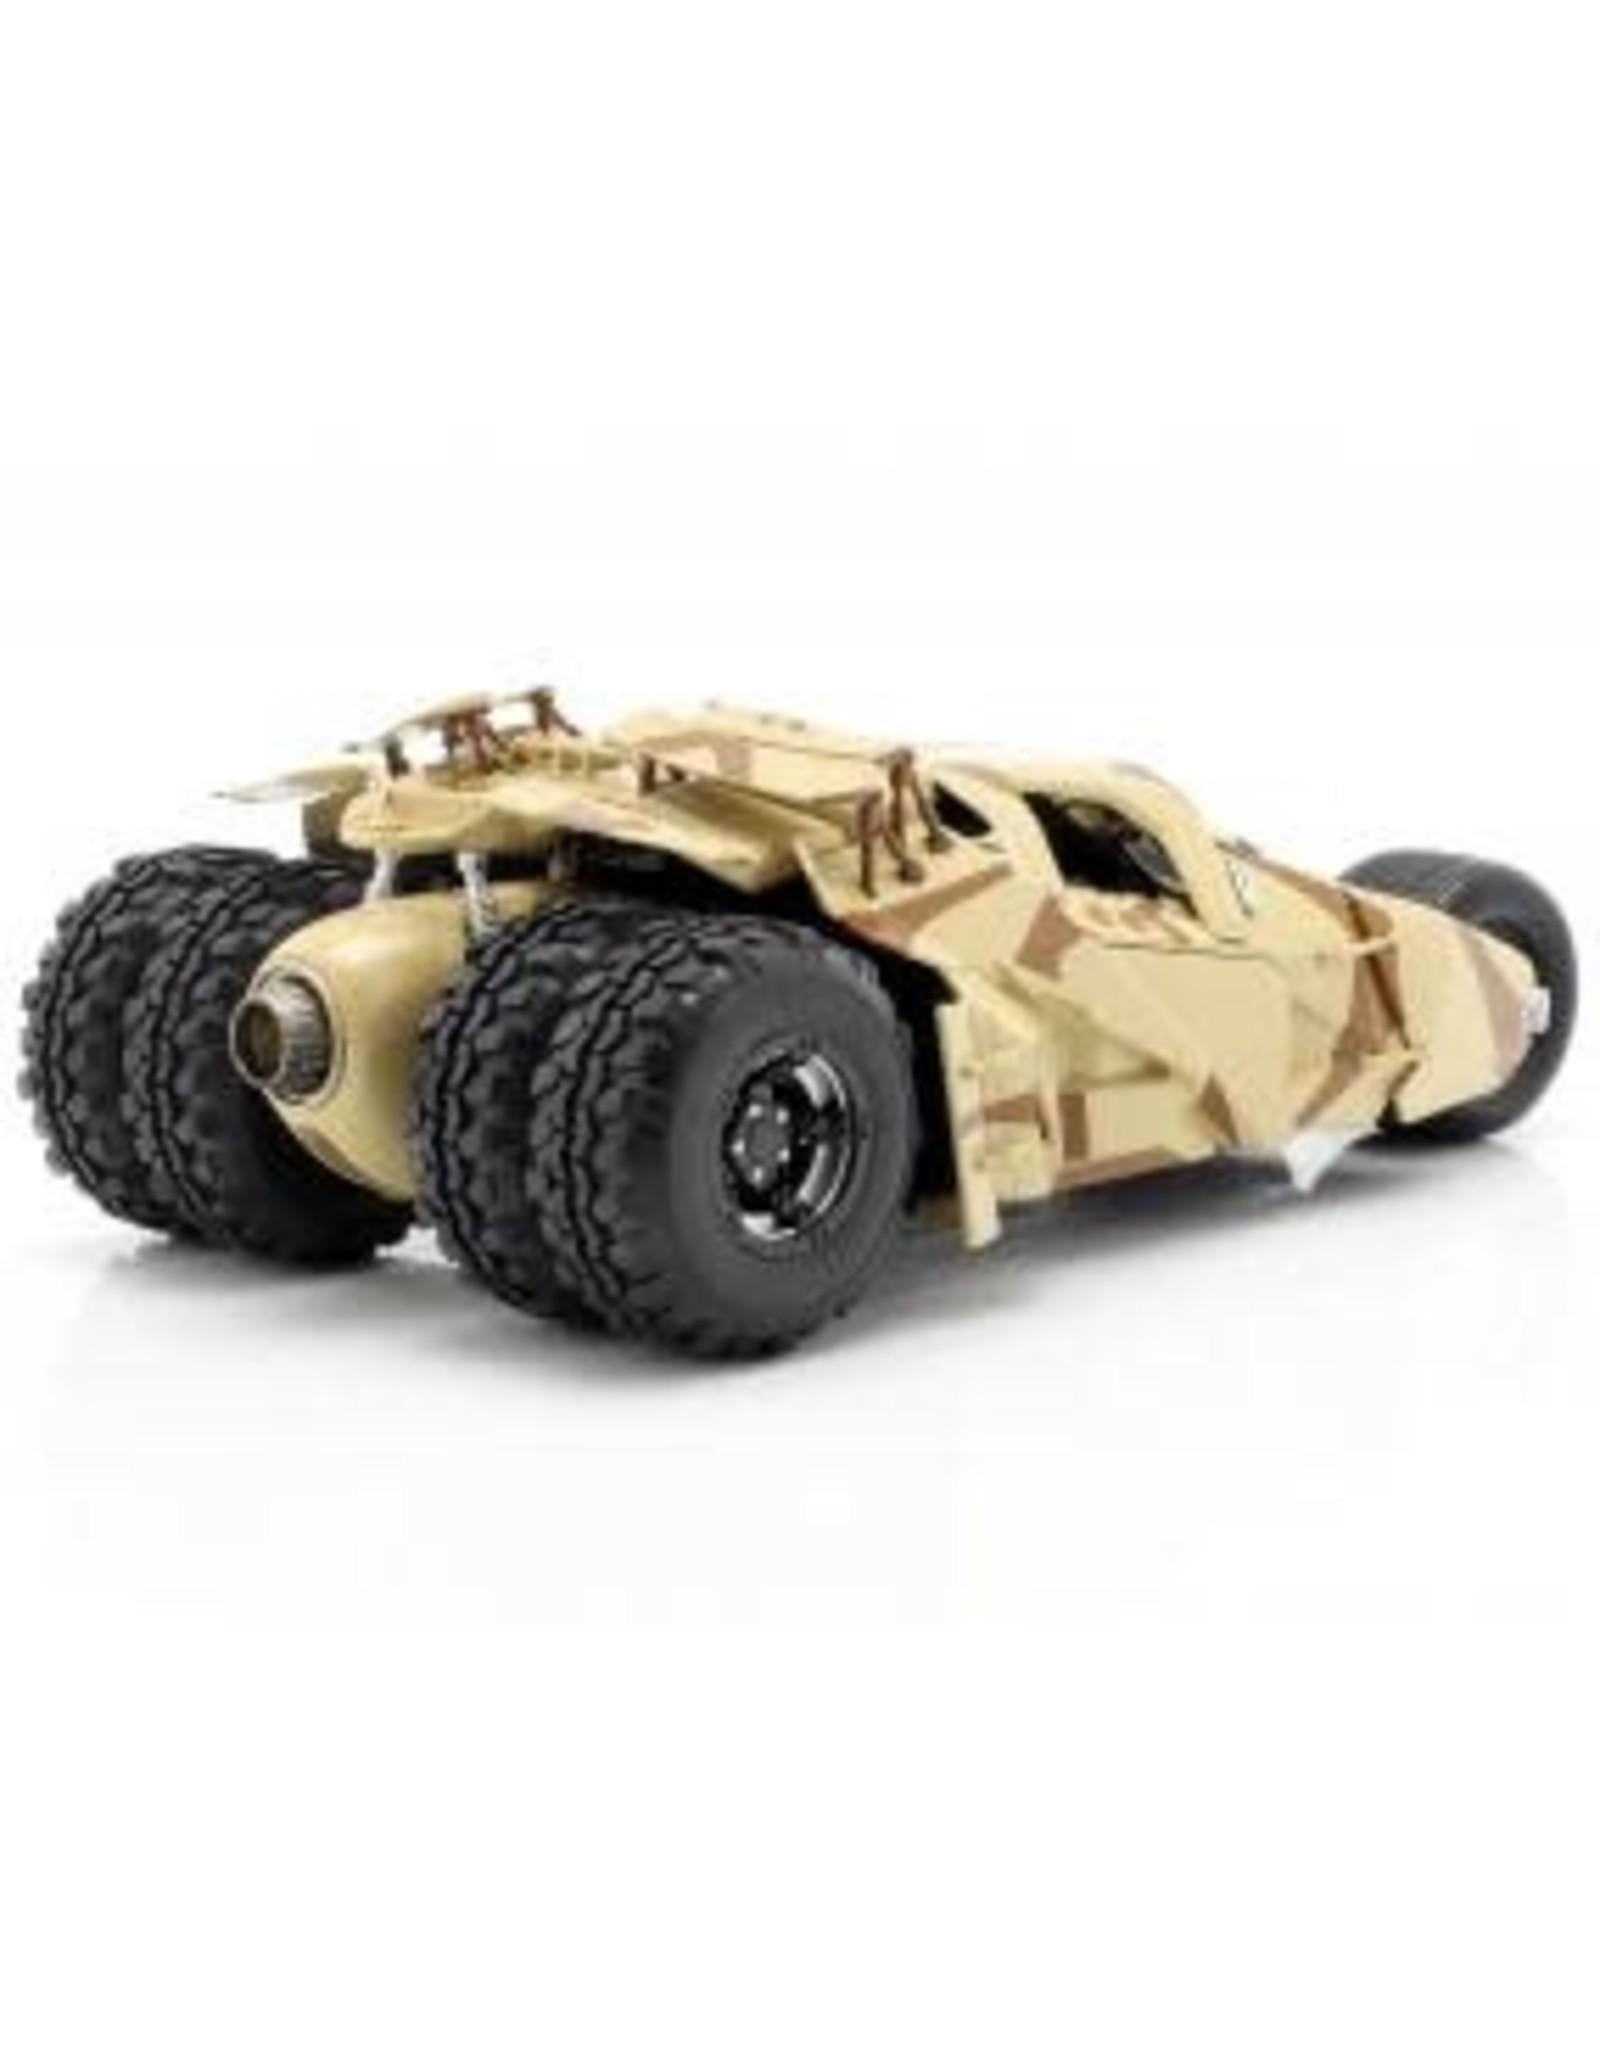 HotWheels Hotwheels 1:18 Camouflage Tumbler Batmobile